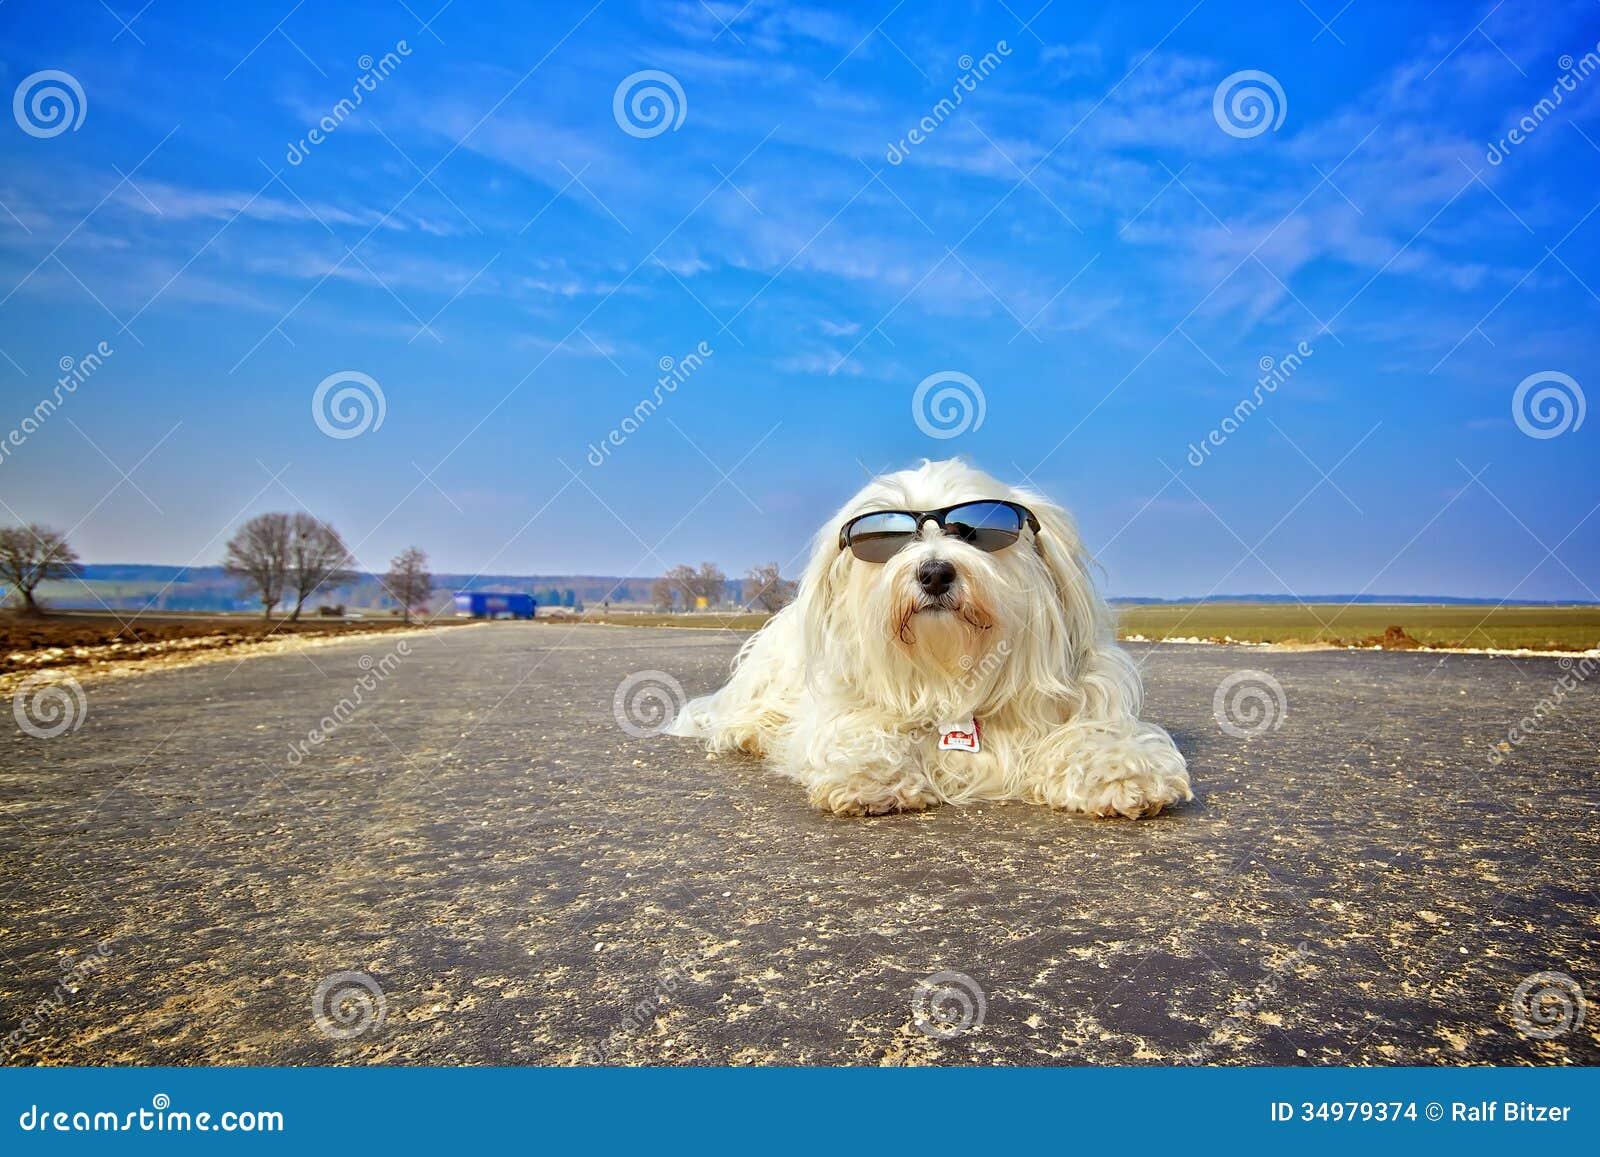 dog photo road - photo #25